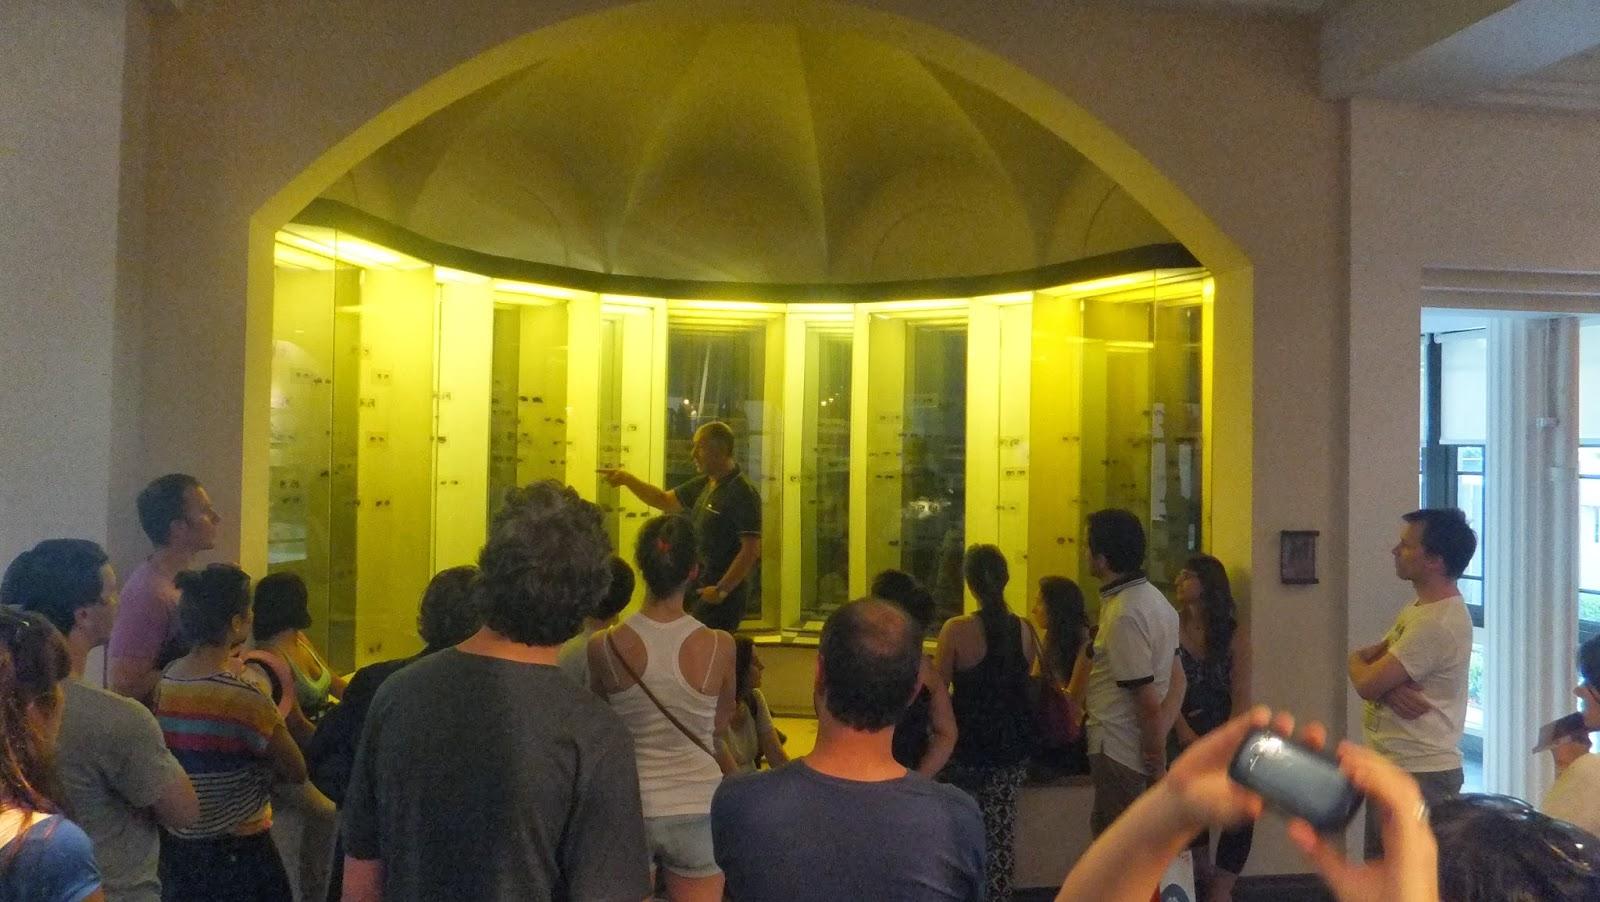 Sacco, Museo de la Memoria, Rosario, Argentina, Elisa N, Blog de Viajes, Lifestyle, Travel